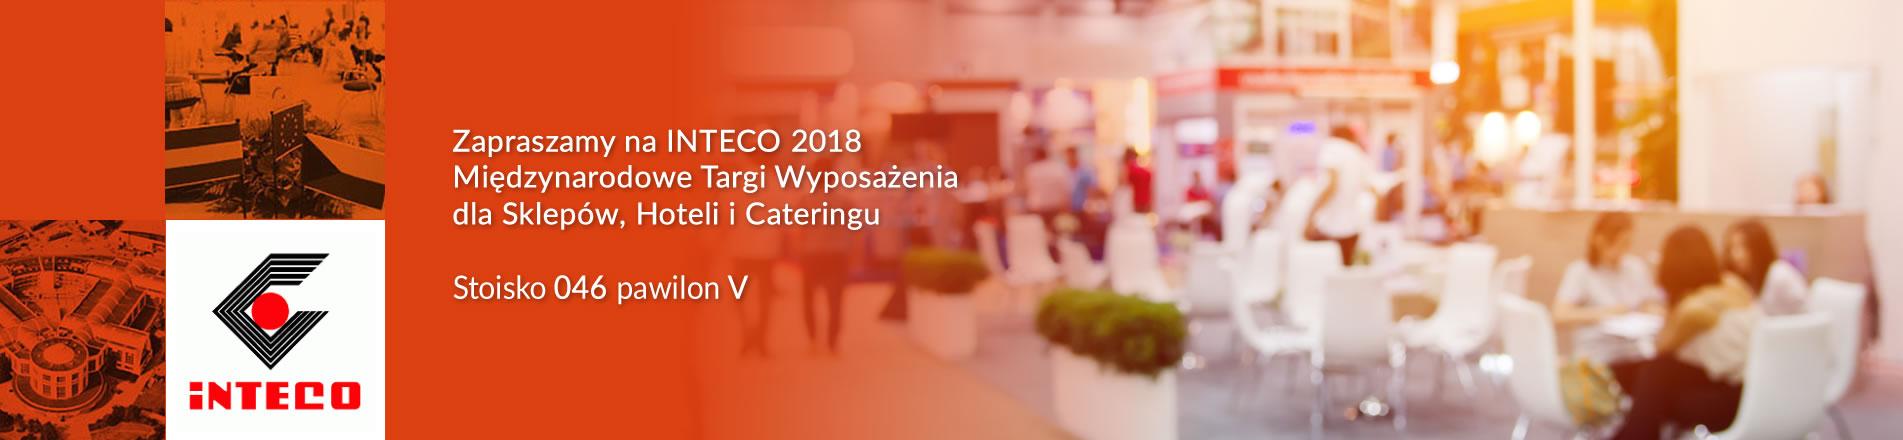 Zapraszamy na INTECO 2018